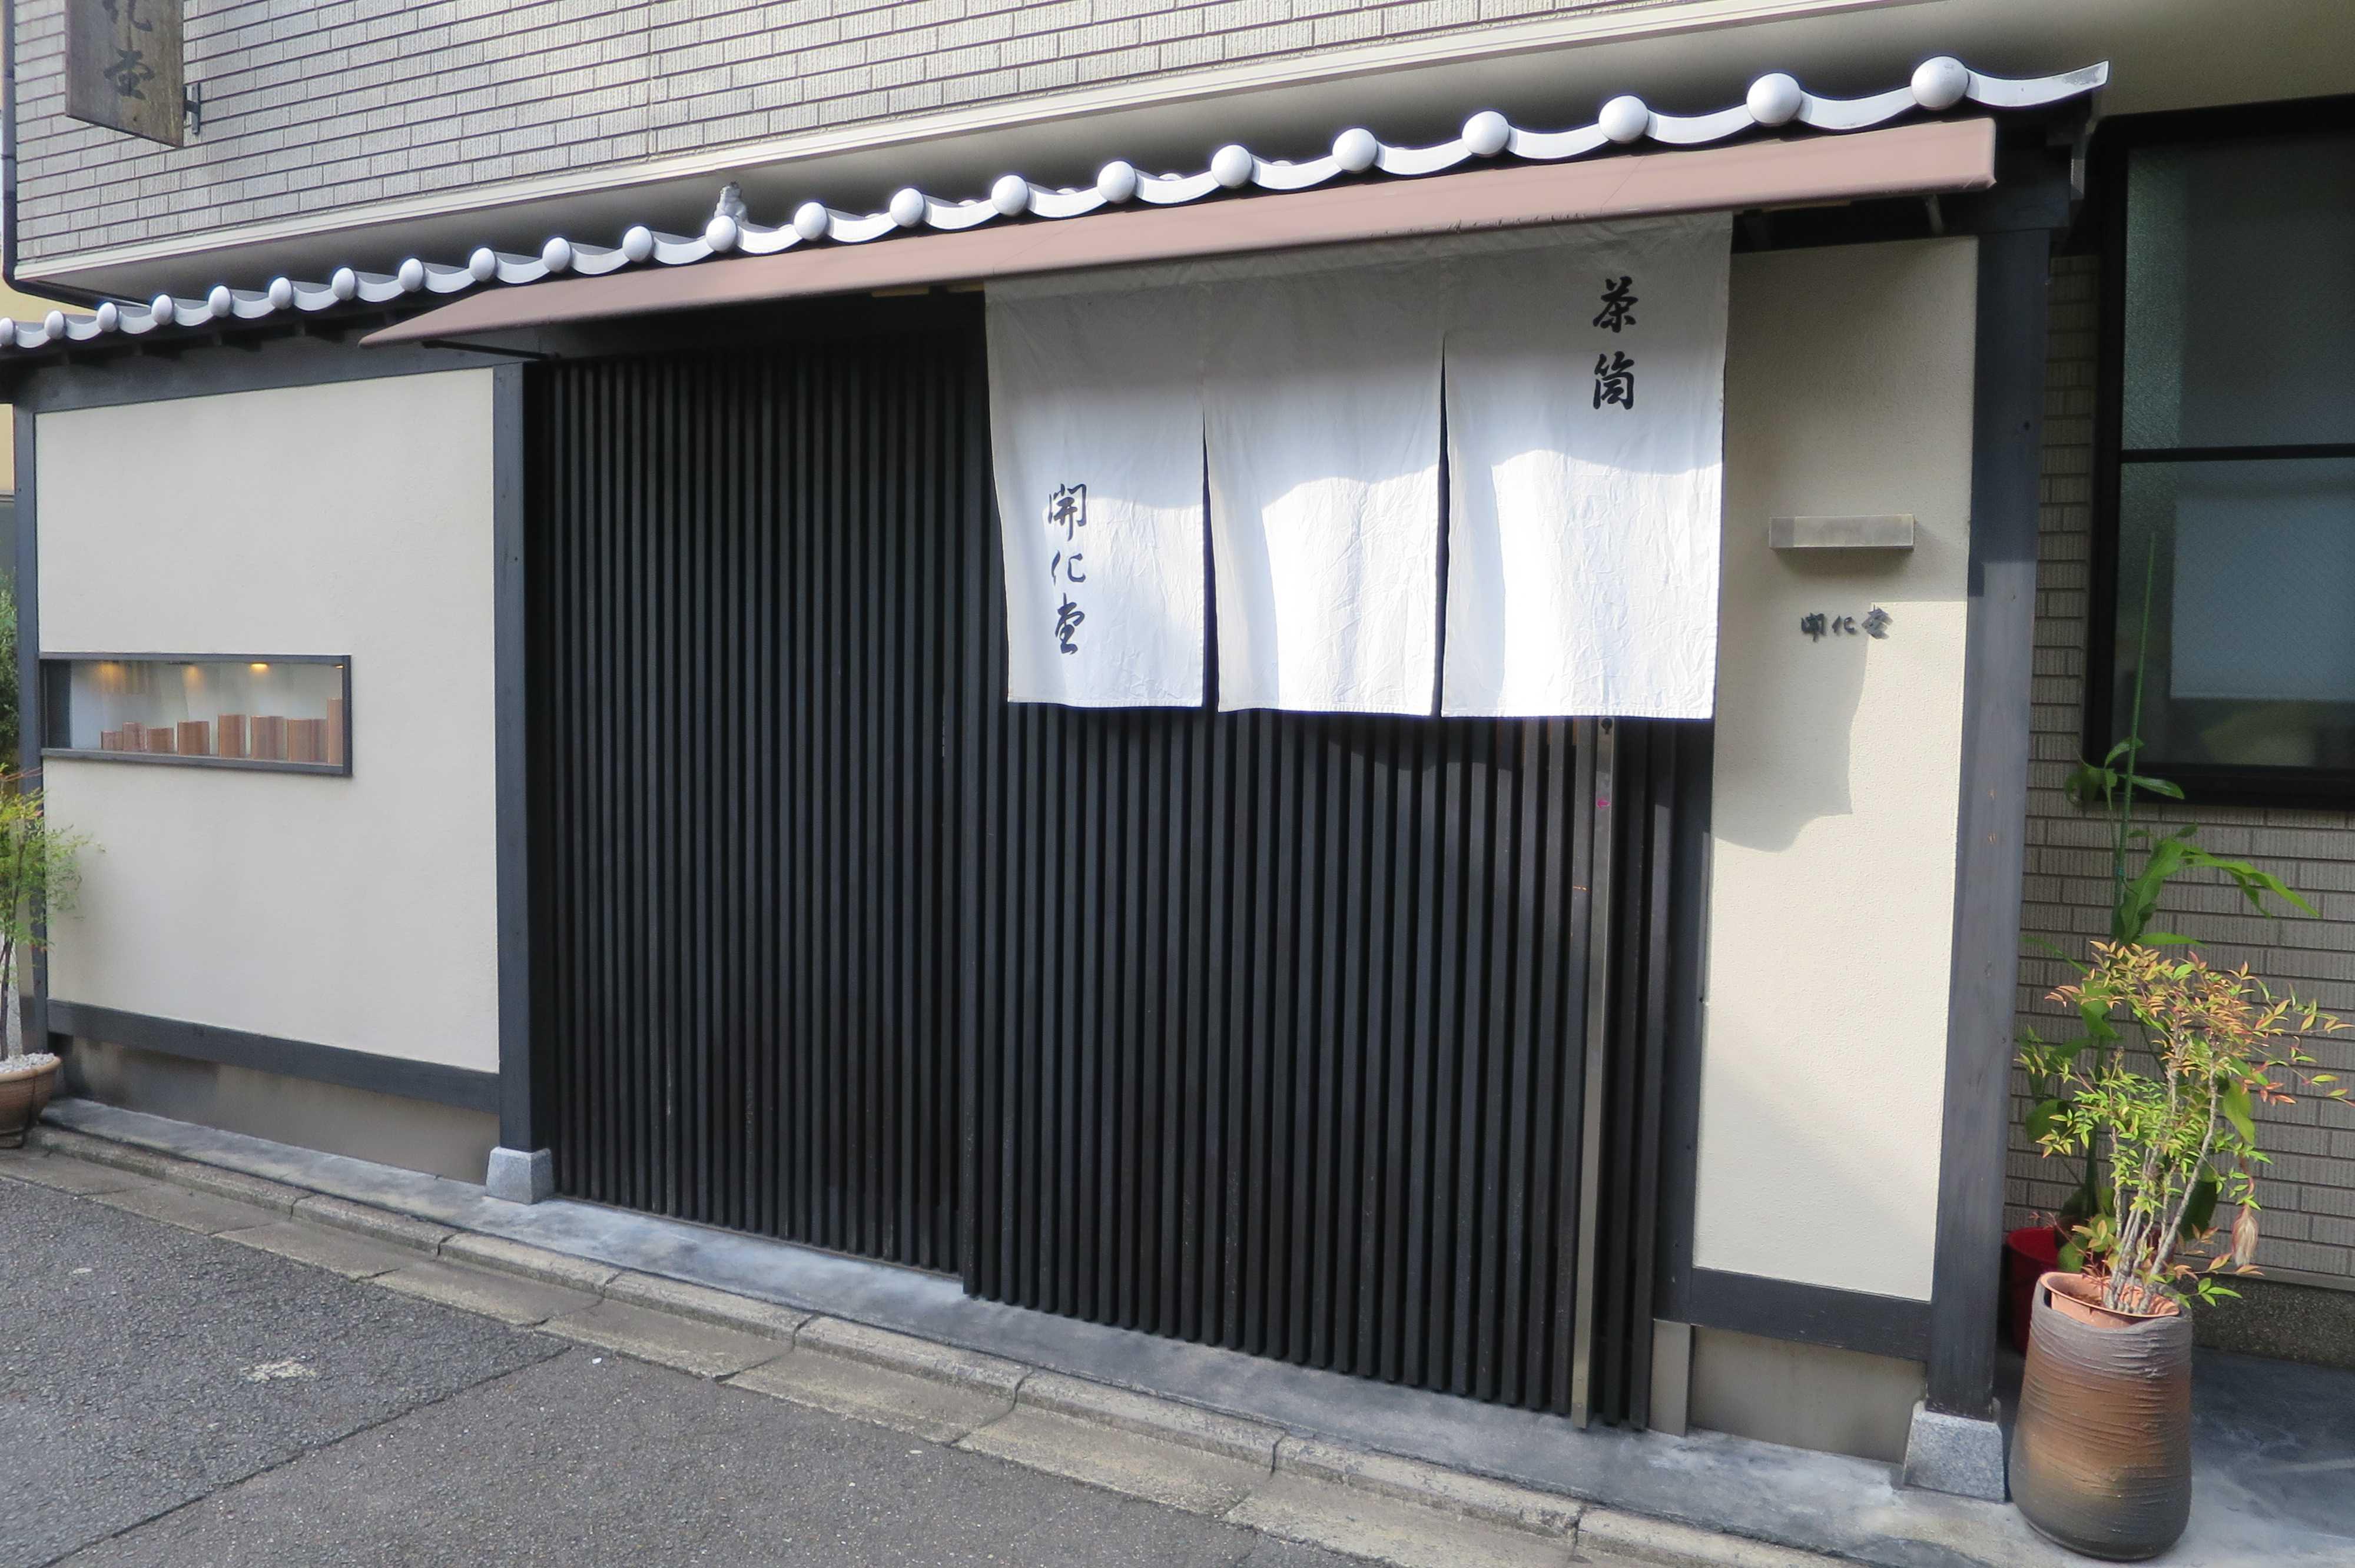 京都・五条楽園 - 茶筒の開化堂の外観